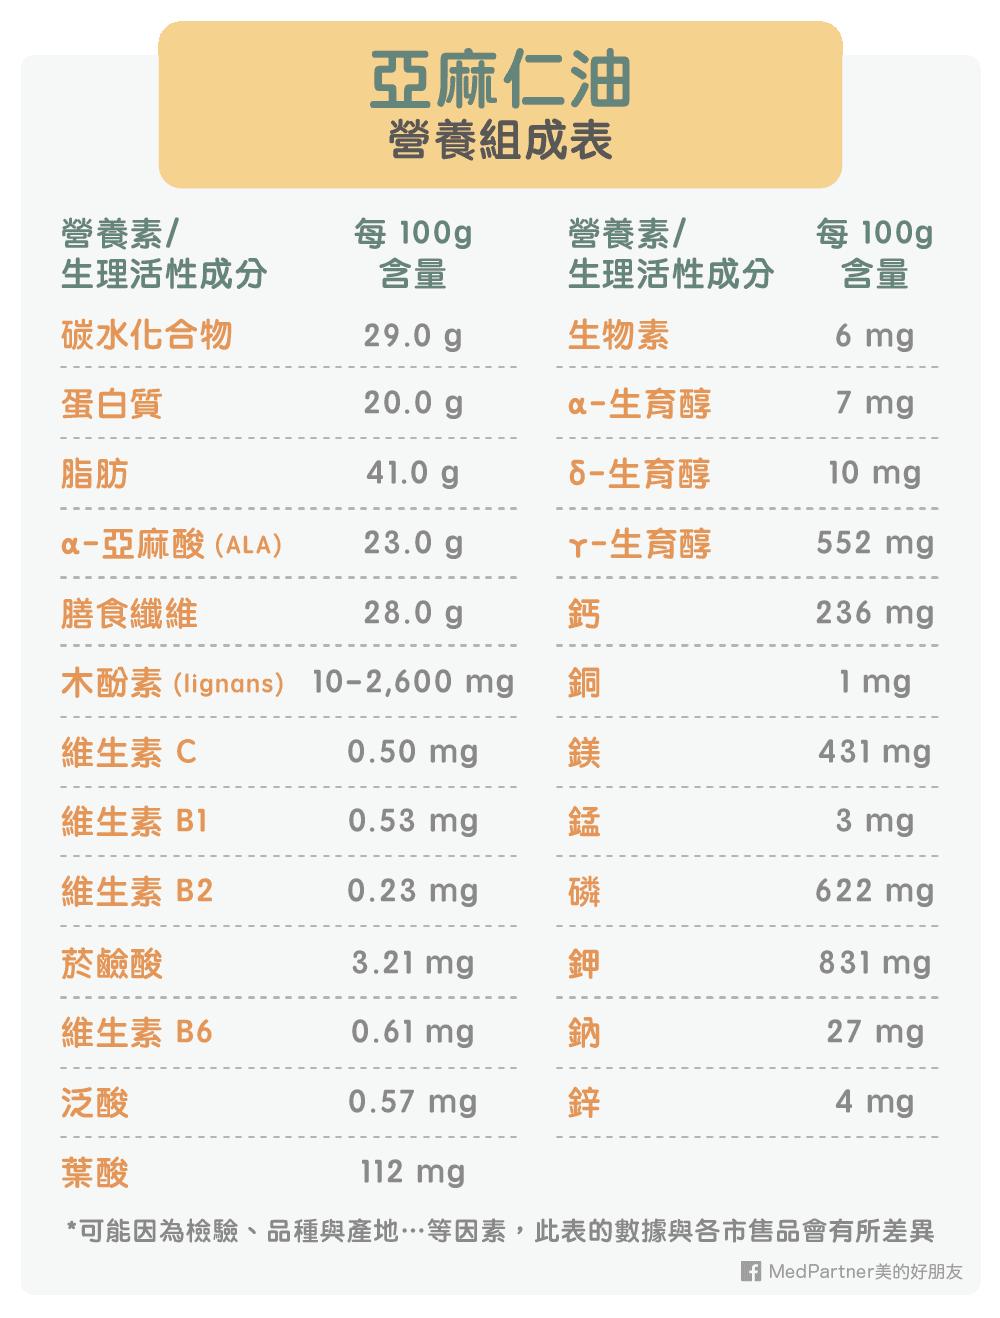 亞麻仁油營養組成表